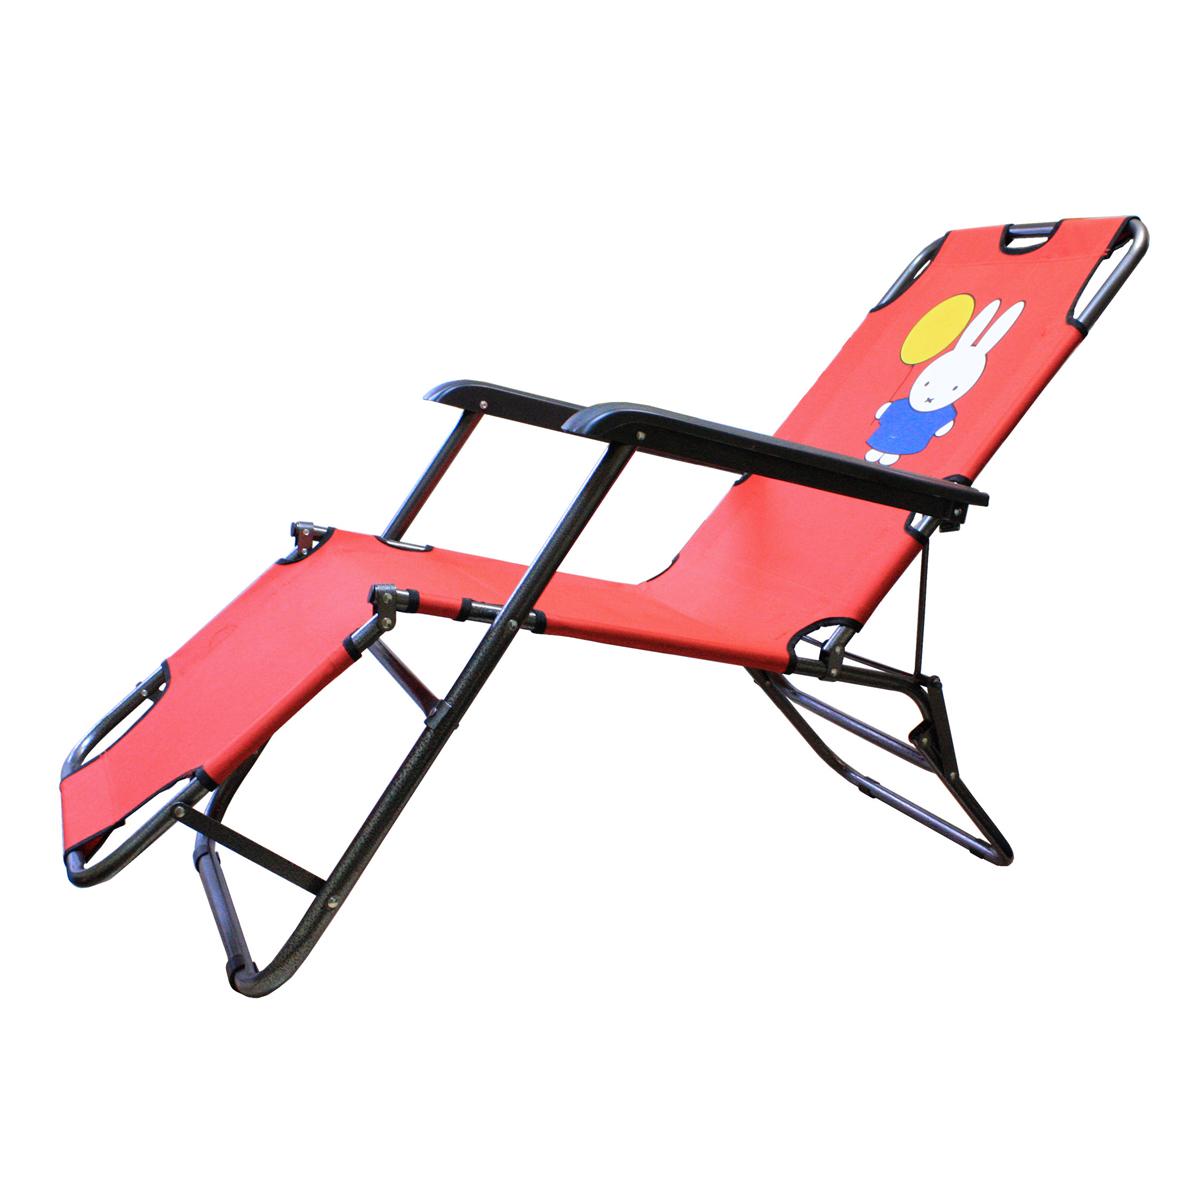 Happy Camper Шезлонг детскийYTET-006Детский шезлонг Happy Camper может использоваться как в качестве мебели для кемпинга, так и в качестве пляжного аксессуара. Он позволит малышу с комфортом отдохнуть на природе. Чехол из полиэстера легко чиститься, так что можно не беспокоиться о случайных загрязнениях, которые неизбежны при загородном отдыхе. Шезлонг оформлен принтом с изображением забавного зайчика с воздушным шариком. Такой шезлонг легко хранить и брать с собой в поездку, ведь в сложенном состоянии он занимает совсем мало места. Прочная металлическая конструкция выдерживает нагрузку до 60 кг.